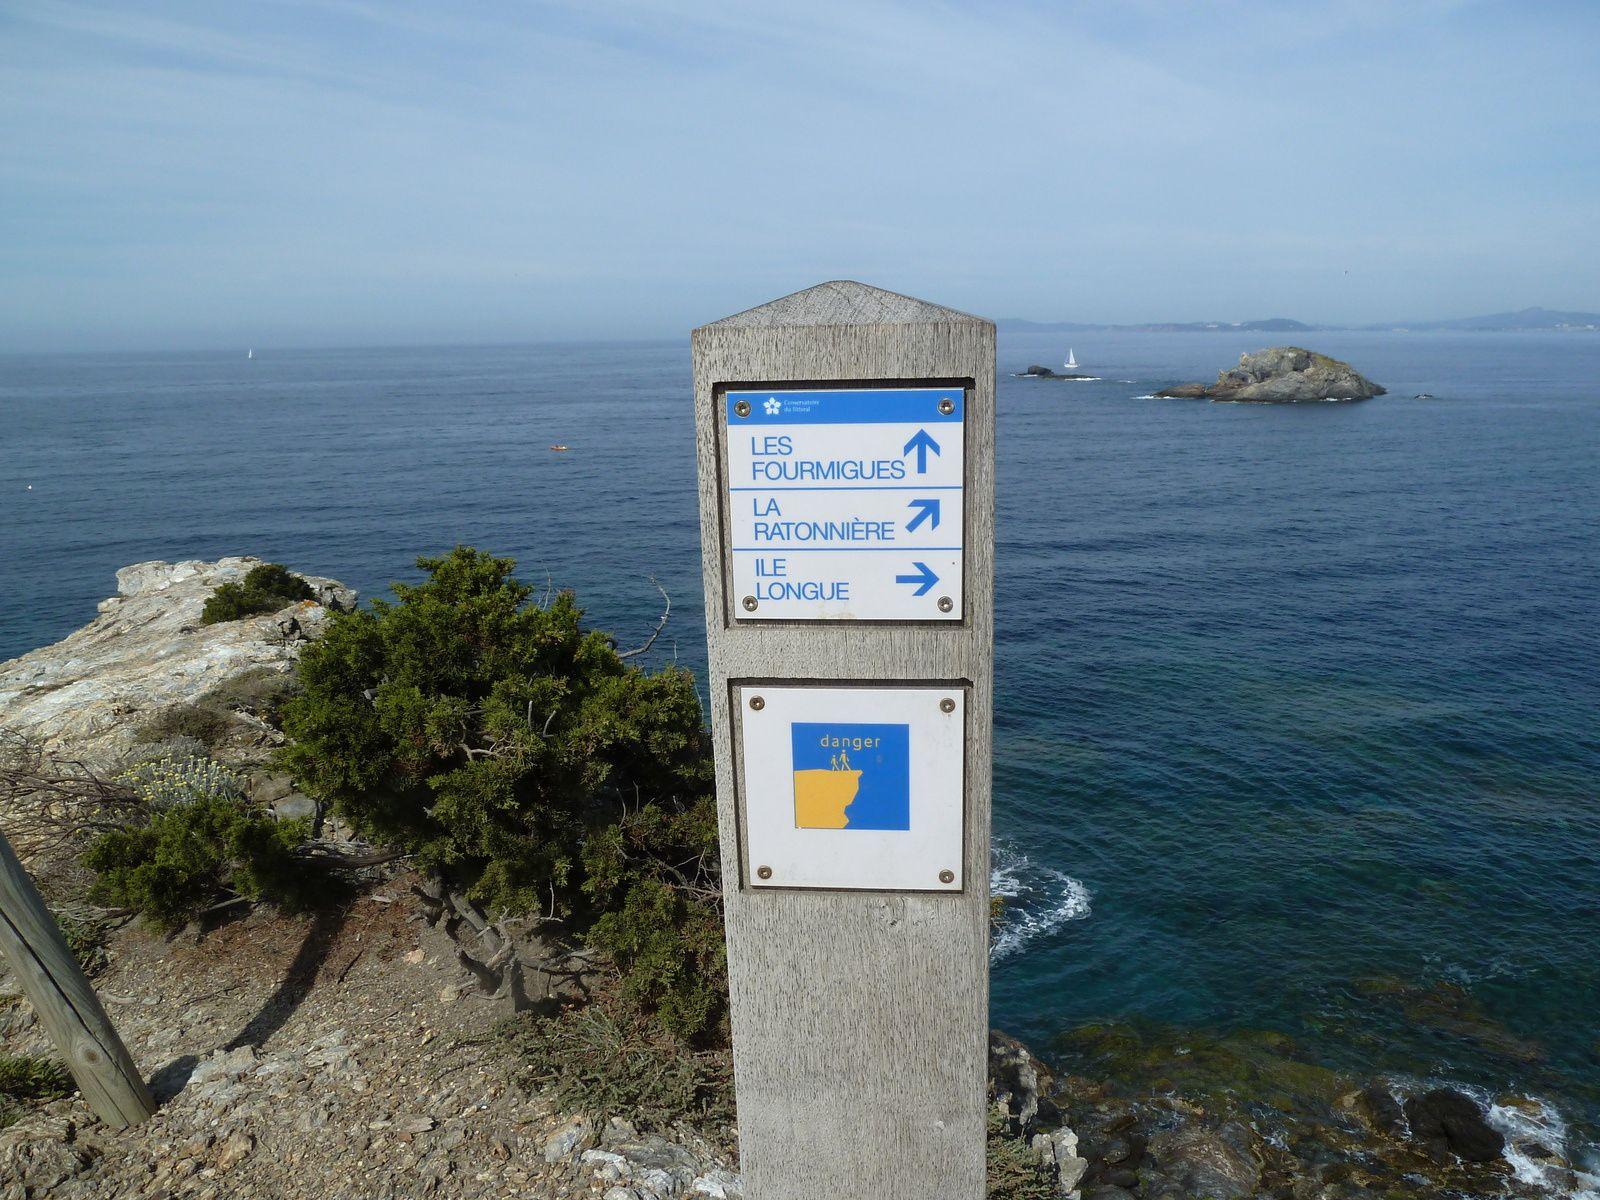 A l'extrême pointe on a une vue sur l'Île Longue, les fourmilles et la Ratonnière.